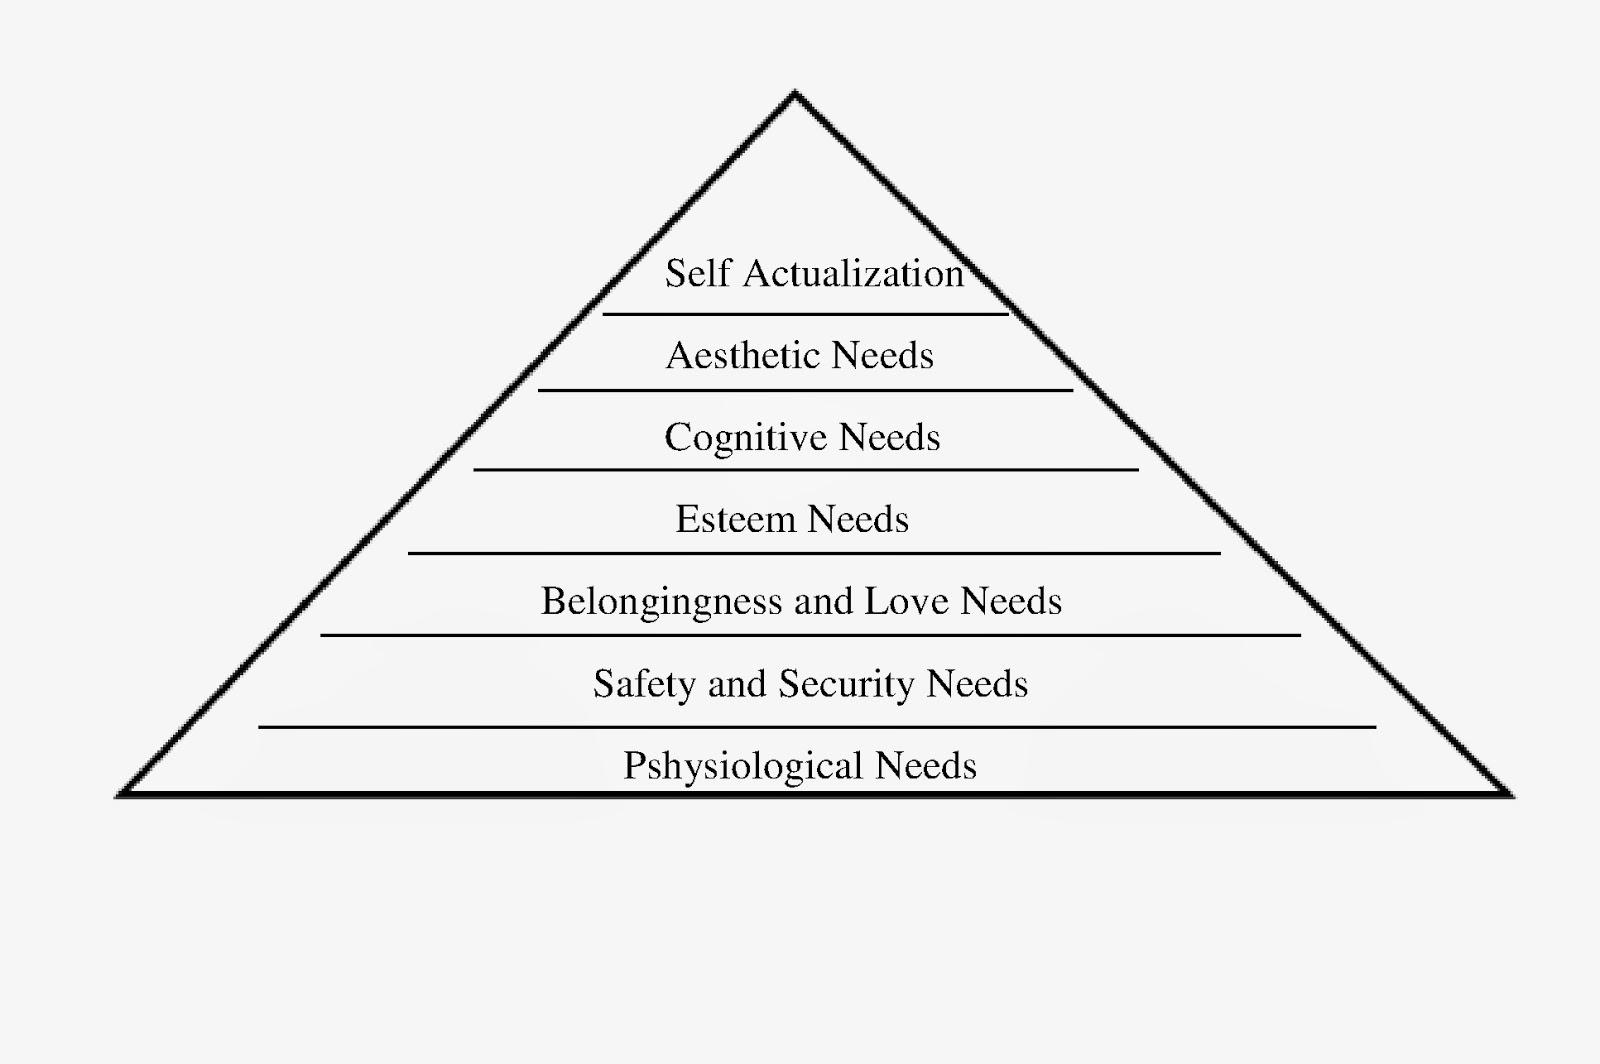 kebutuhan menurut maslow Menurut maslow, adanya hierarki kebutuhan tersebut didorong oleh dua kekuatan, yaitu motivasi kekurangan dan motivasi perkembangan atau pertumbuhan.